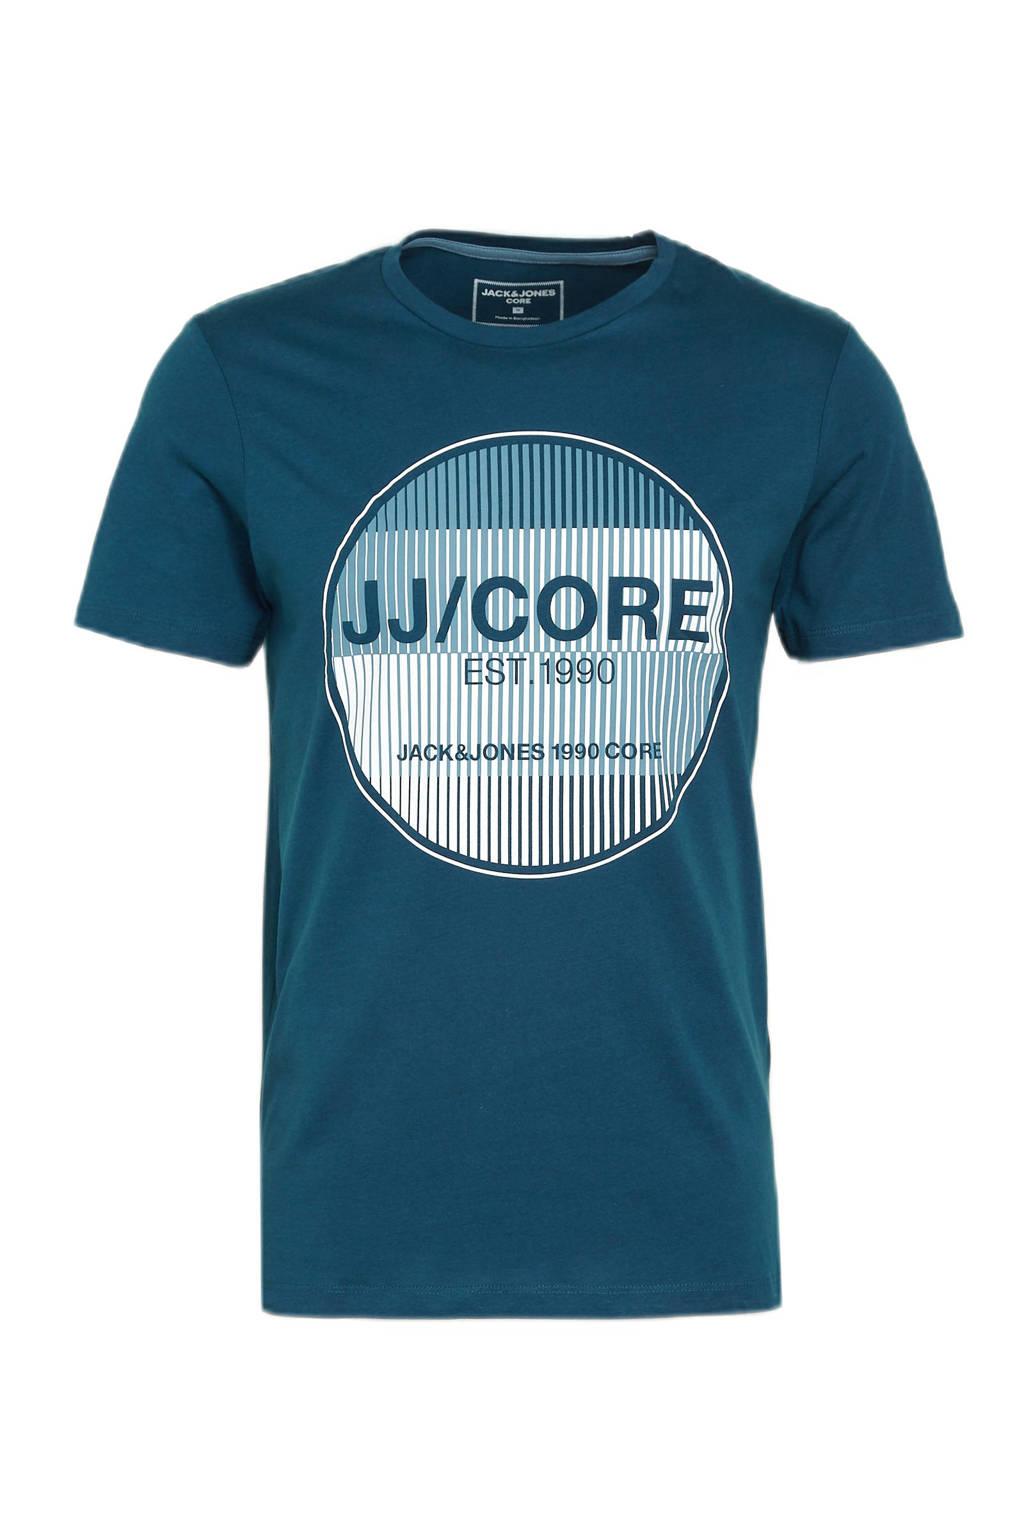 JACK & JONES CORE T-shirt Booster met printopdruk blauw, Blauw